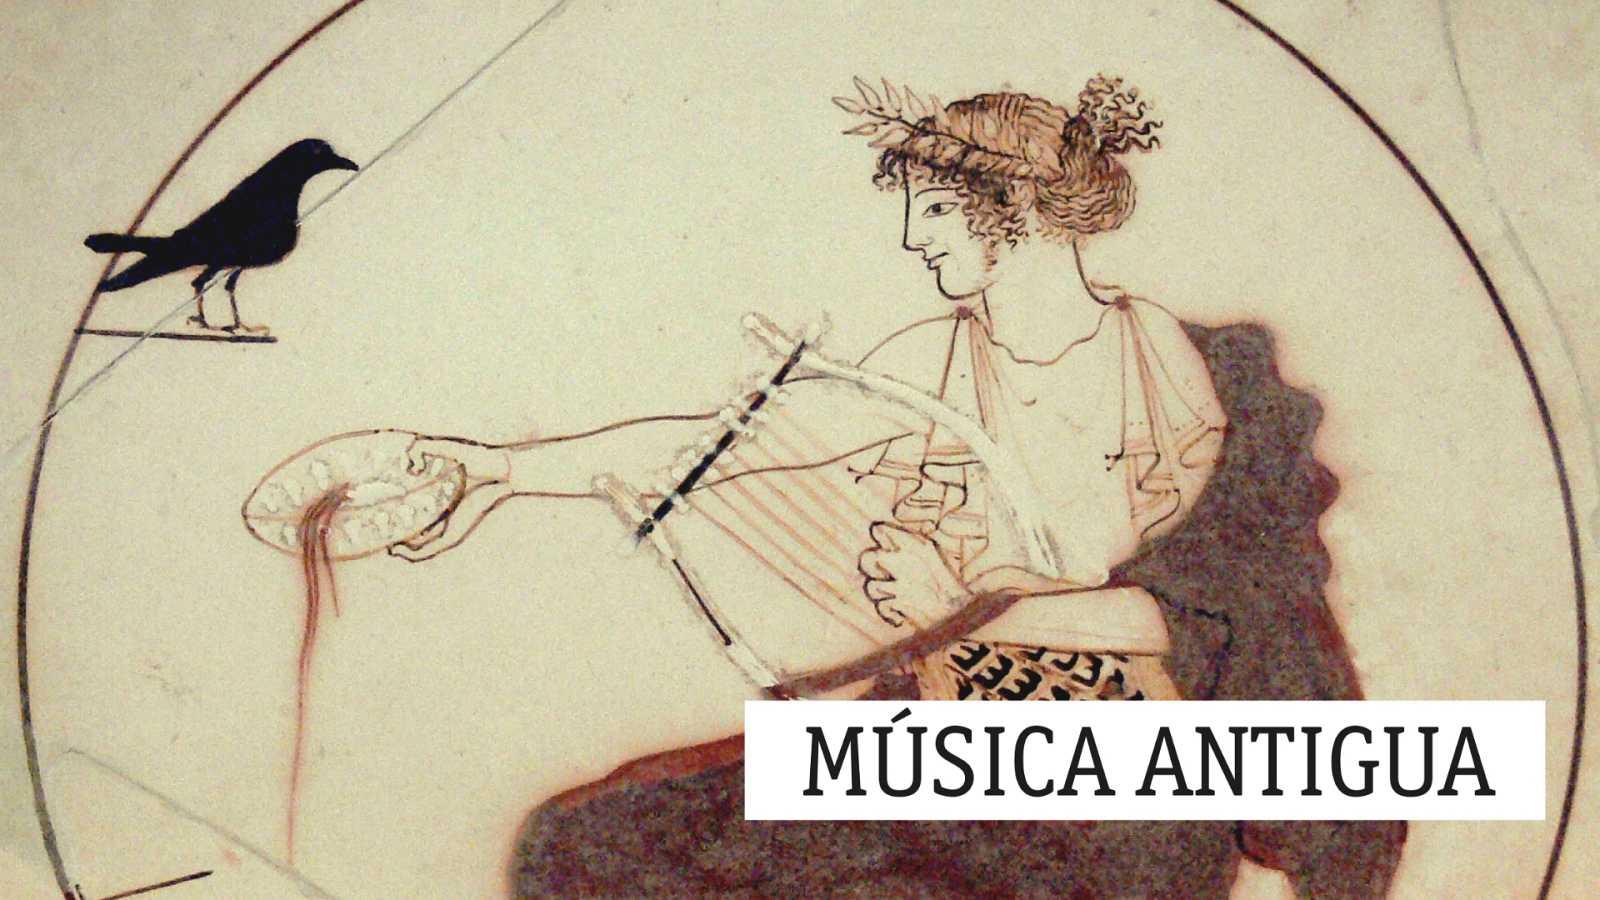 Música antigua -  Glosas, variaciones, caprichos y diferencias - 08/06/21 - escuchar ahora